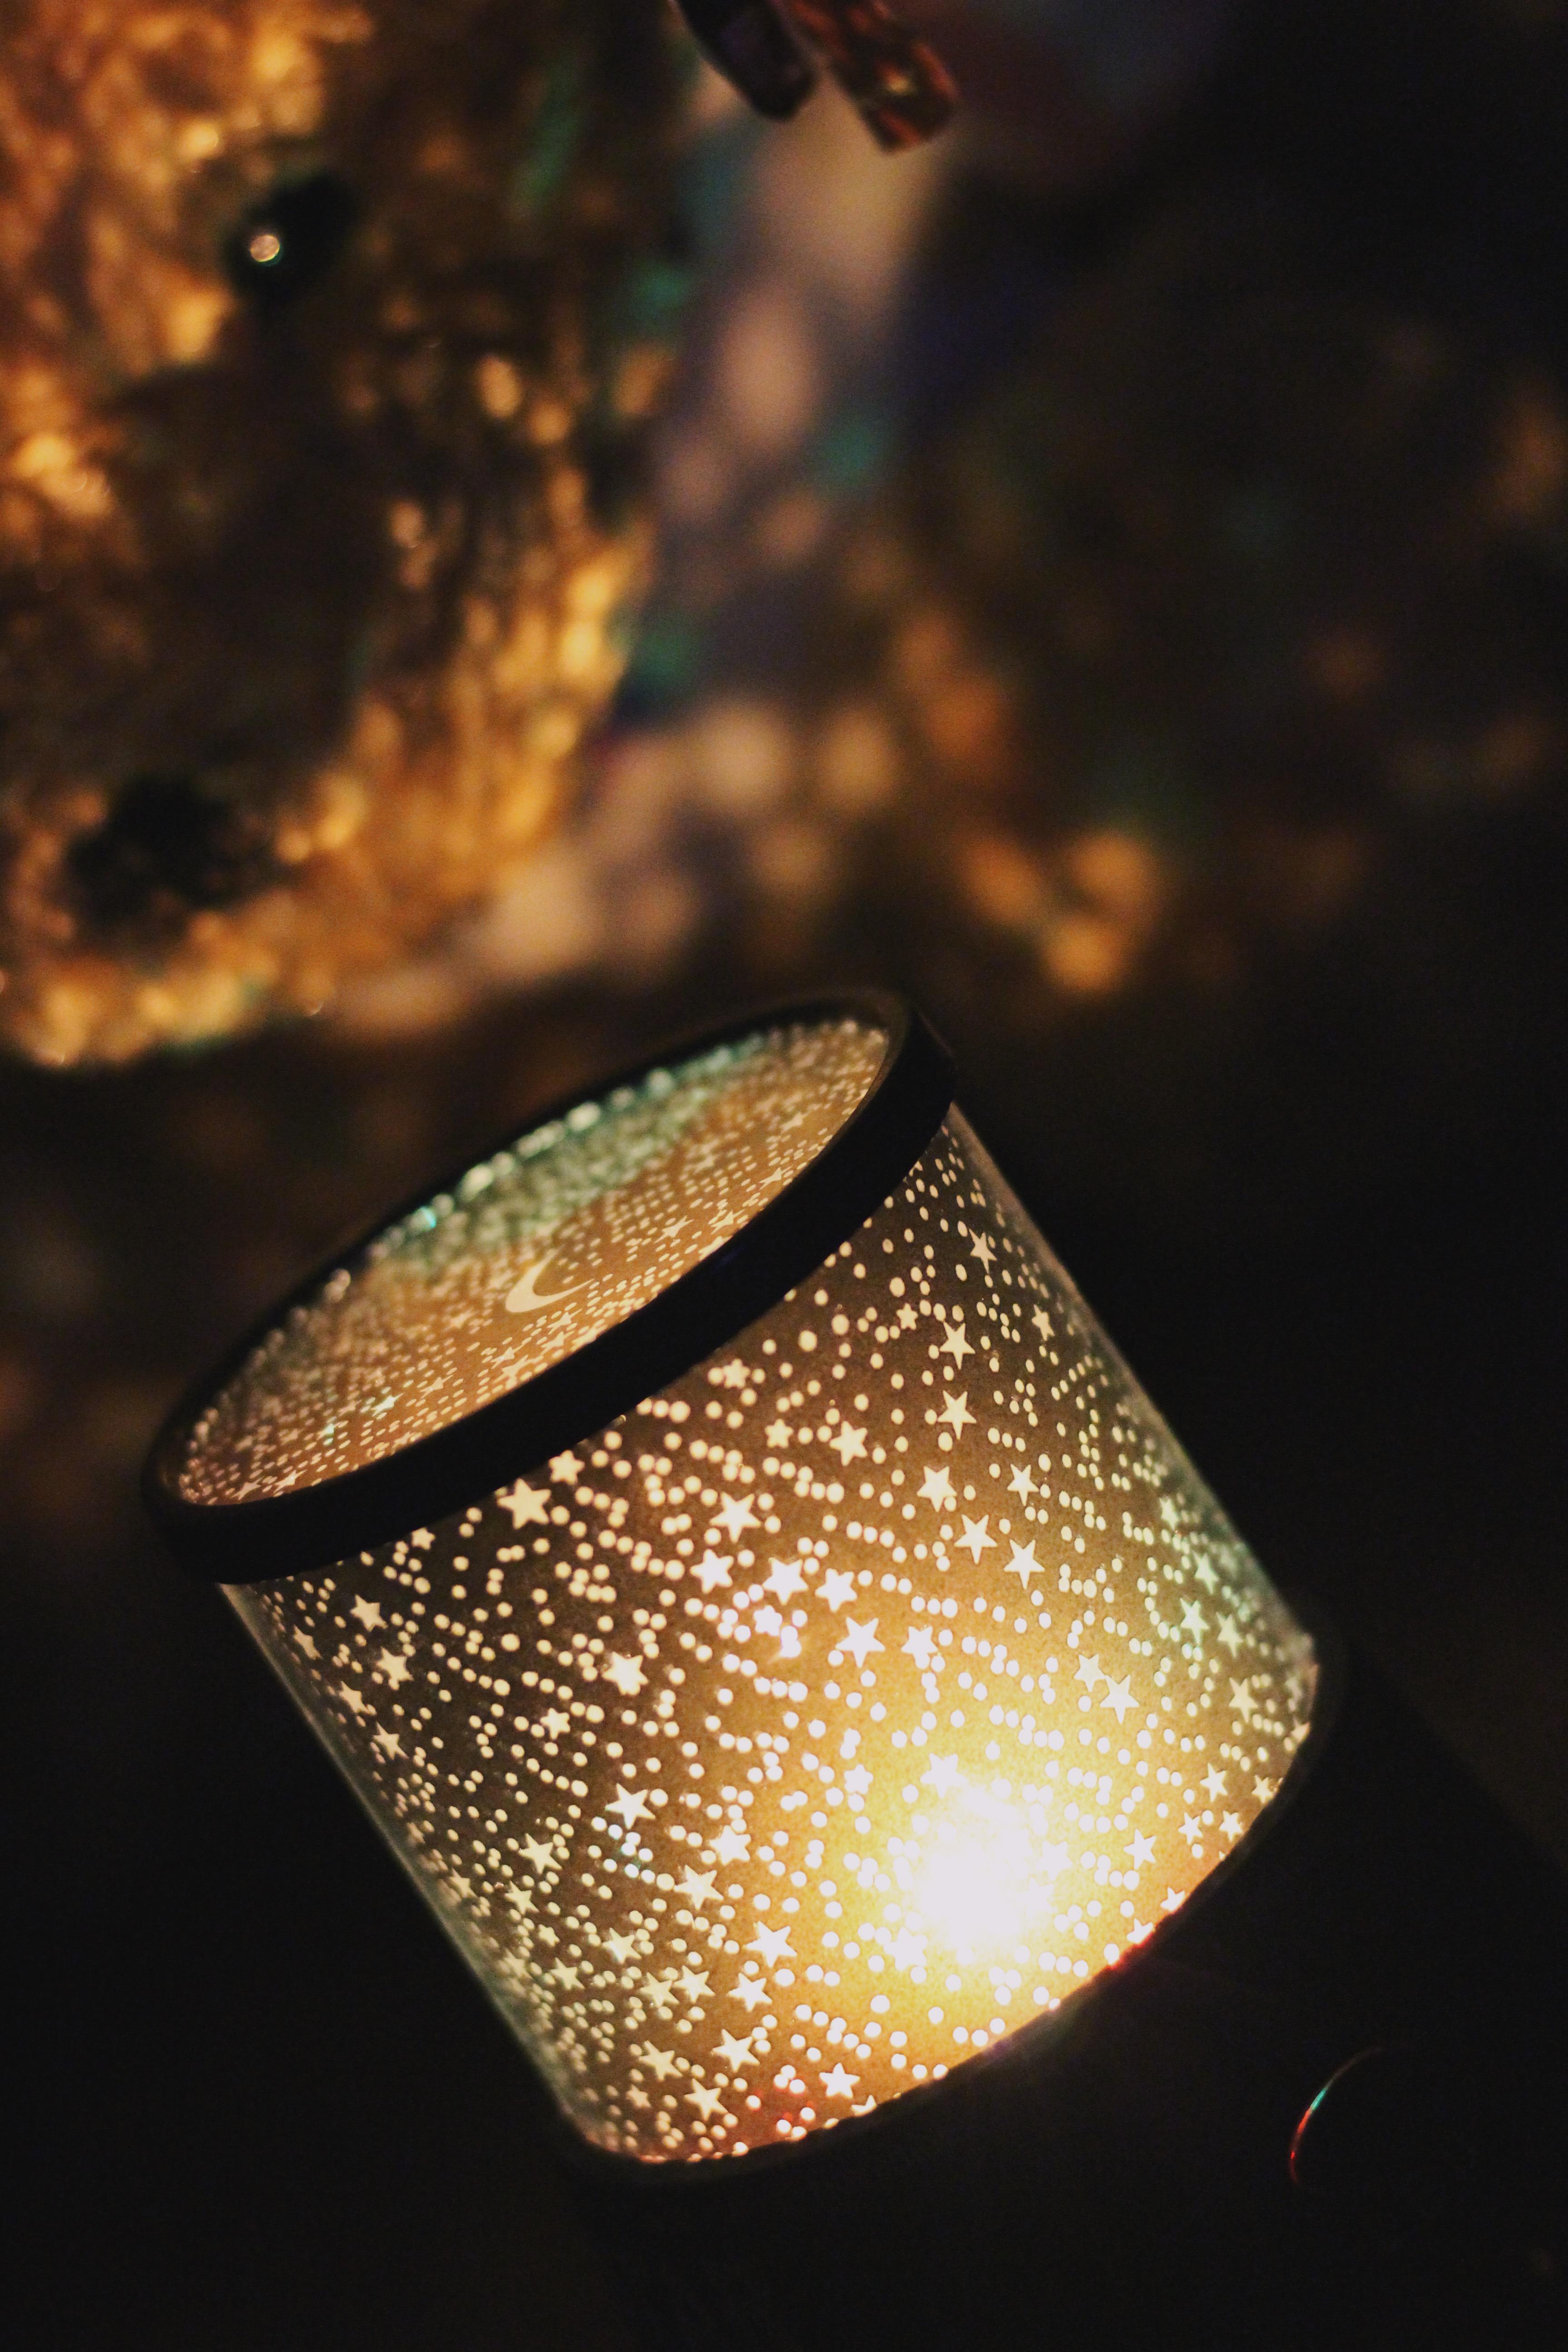 Gratis Afbeeldingen : licht, donker, macro, lamp, geel, verlichting ...